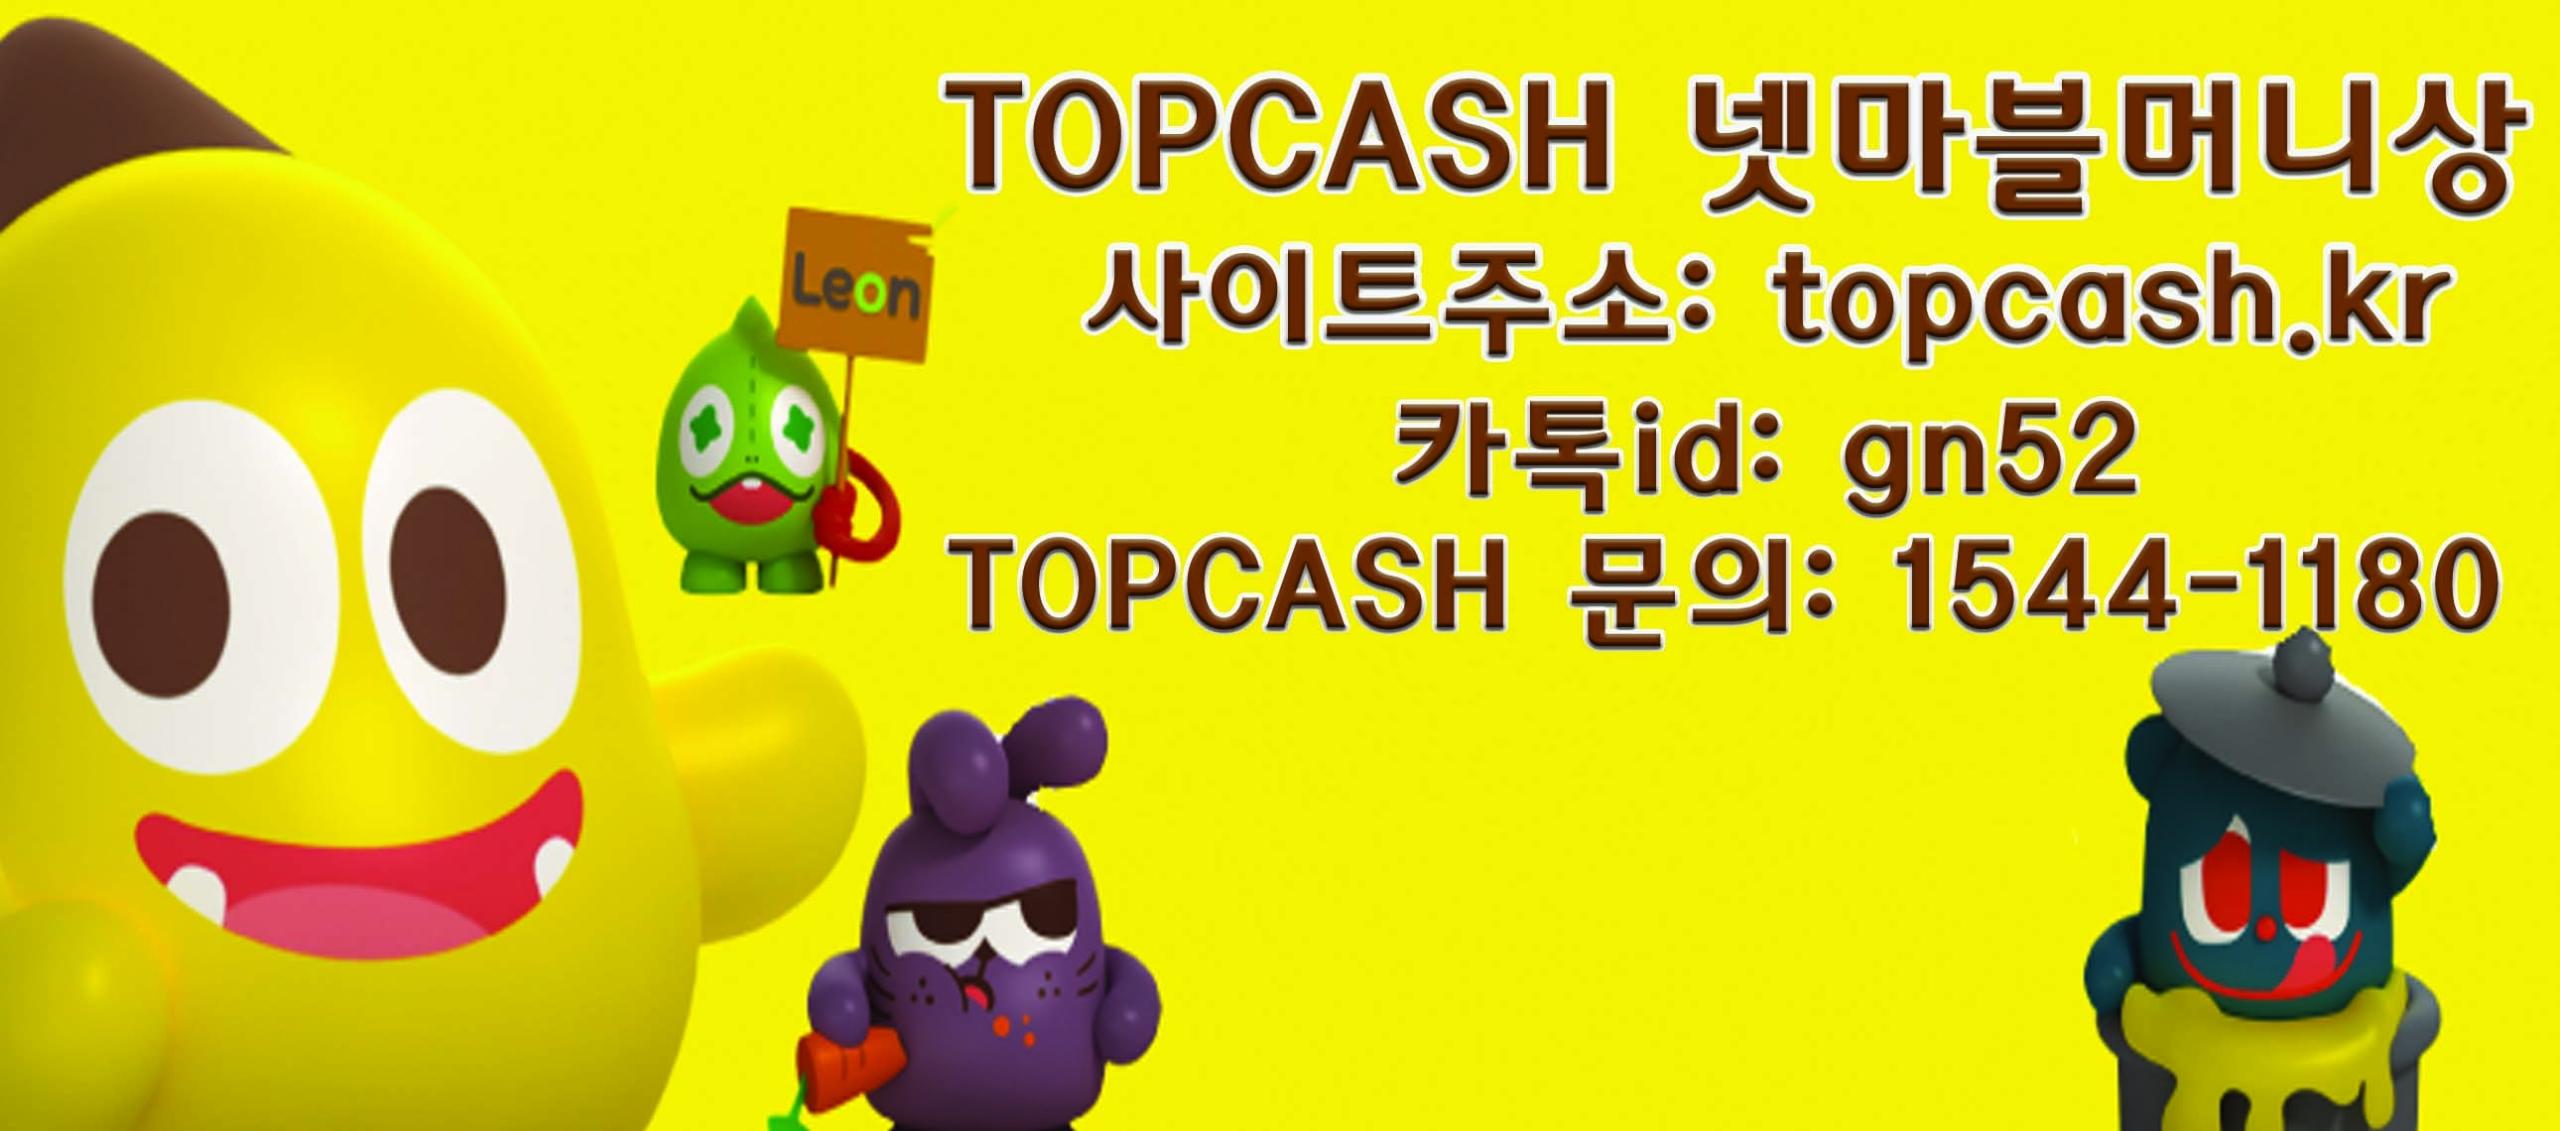 넷마블머니거래 TOPCASH닷kr (@sptakqmf01) Cover Image